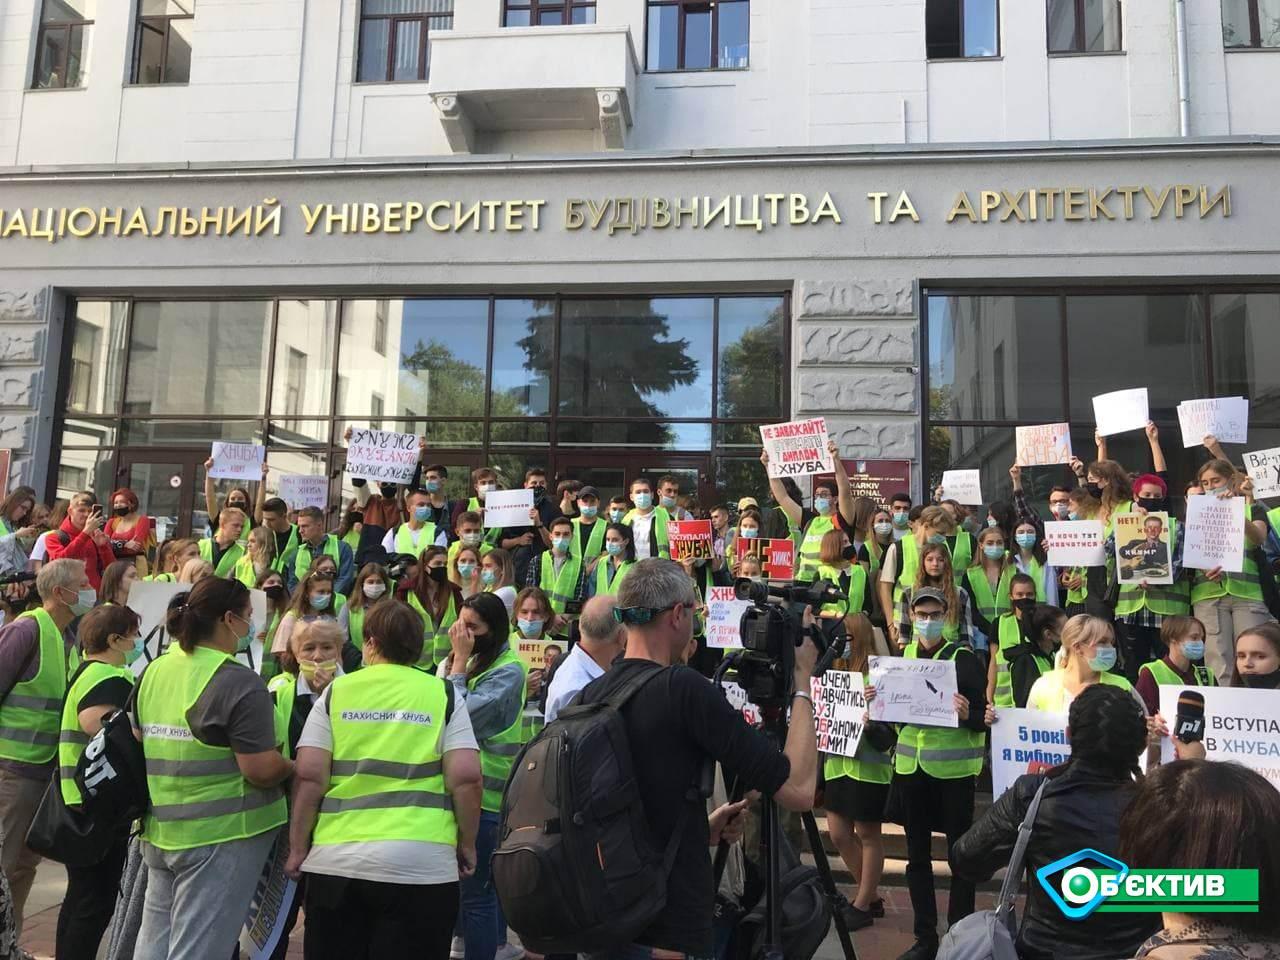 На акцию протеста вышли студенты и преподаватели Харьковского Национального университета строительства и архитектуры